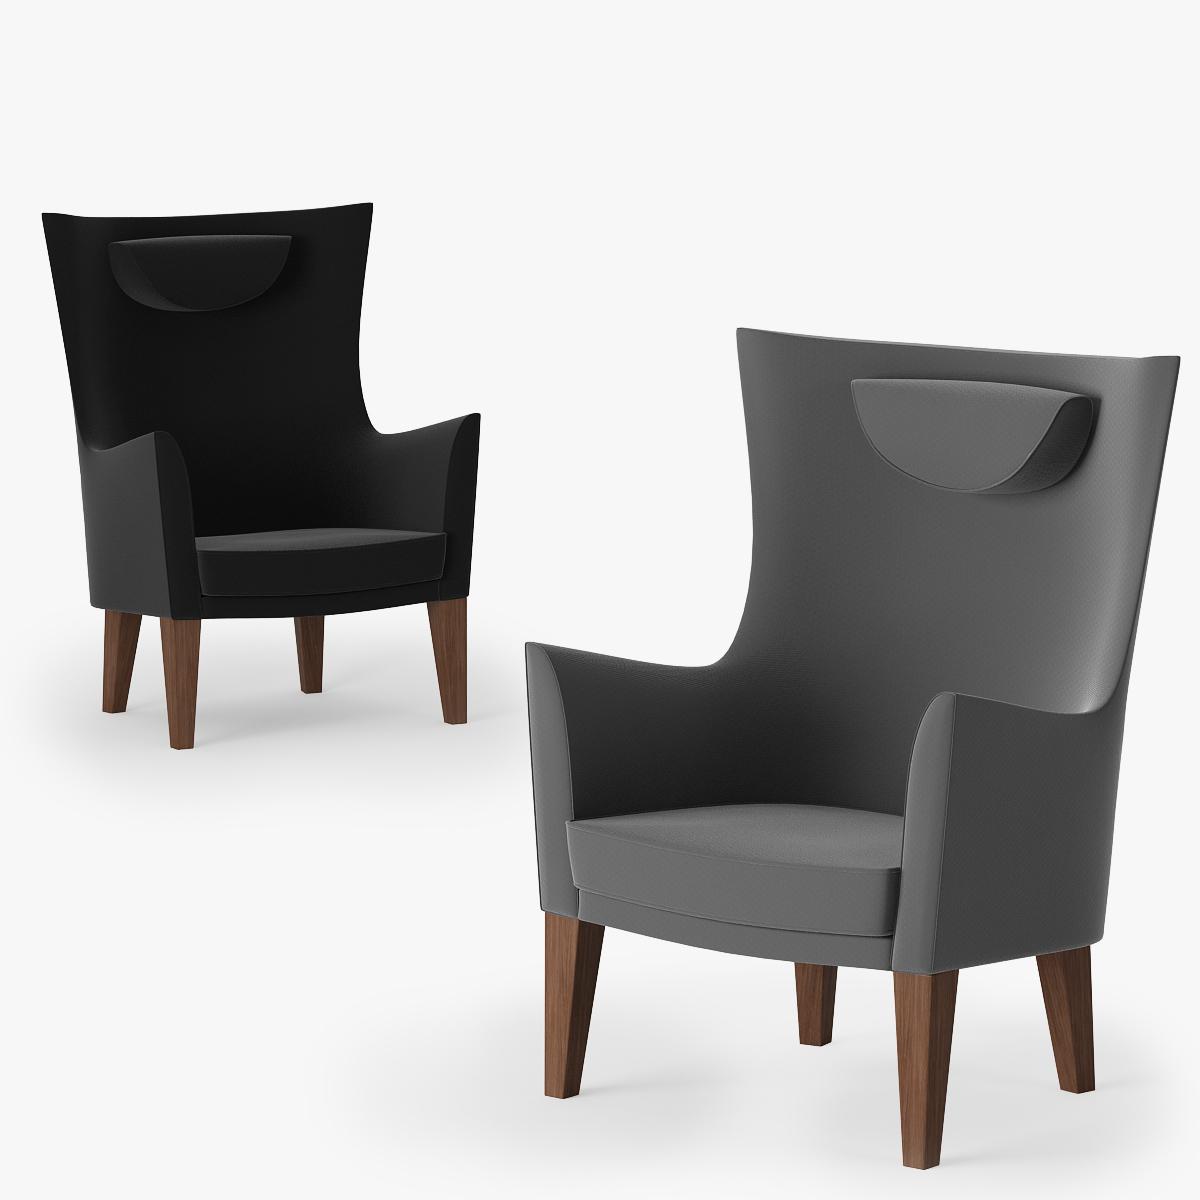 Fotel Stockholm Mosta Ikea Freelancers 3d